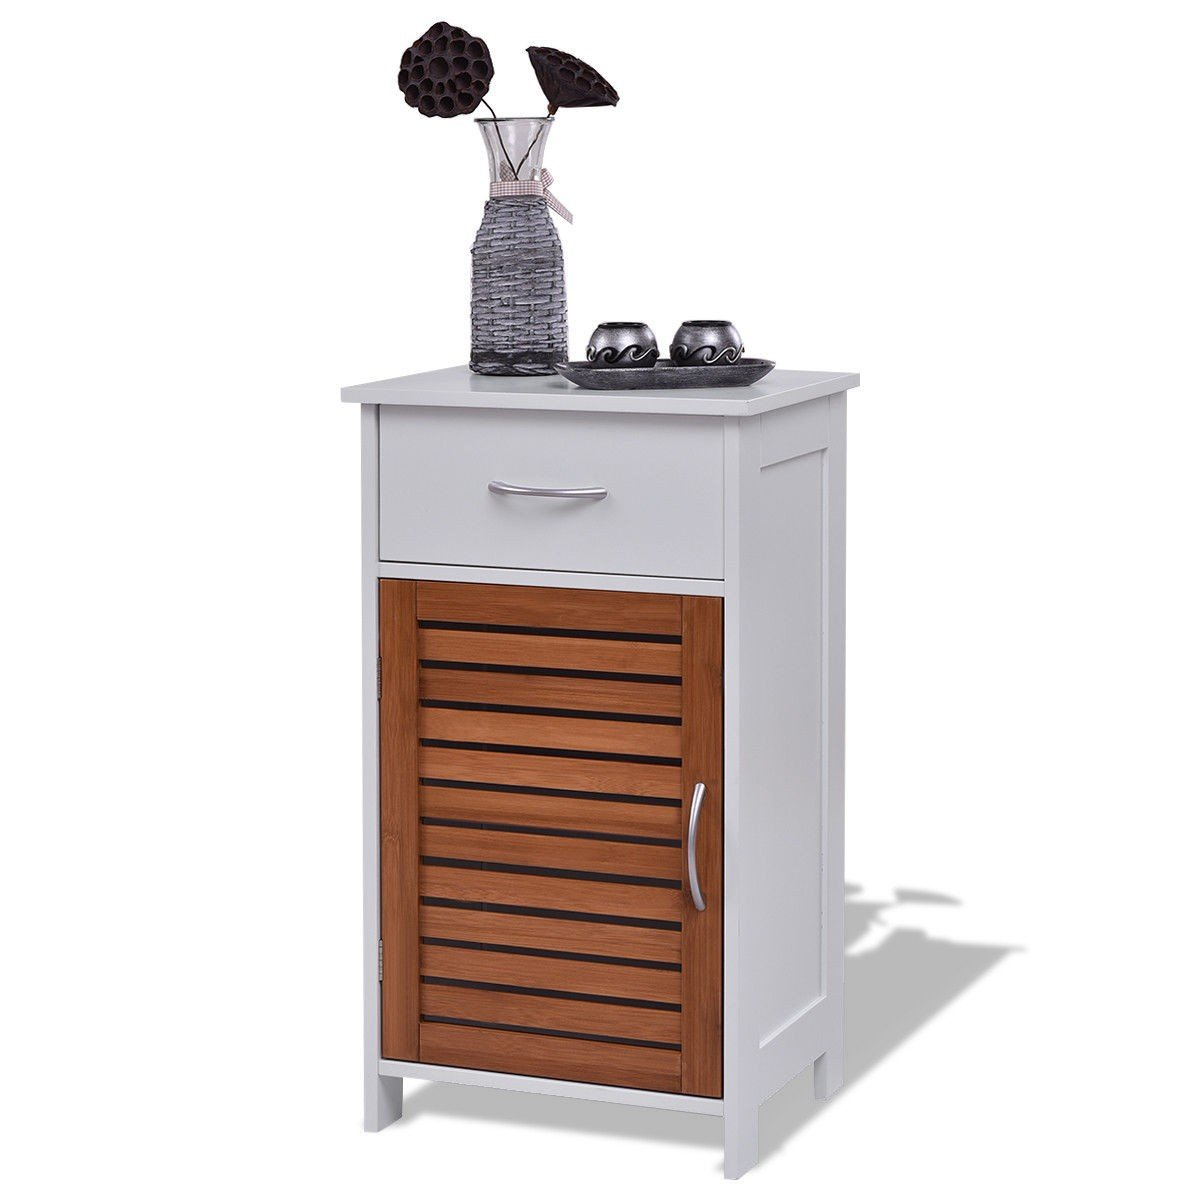 WATERJOY Storage Cabinet, Wooden Floor Cabinet Shutter Door Drawer, Elegant Bedside Cabinet Bathroom, Bedroom Living Room, White